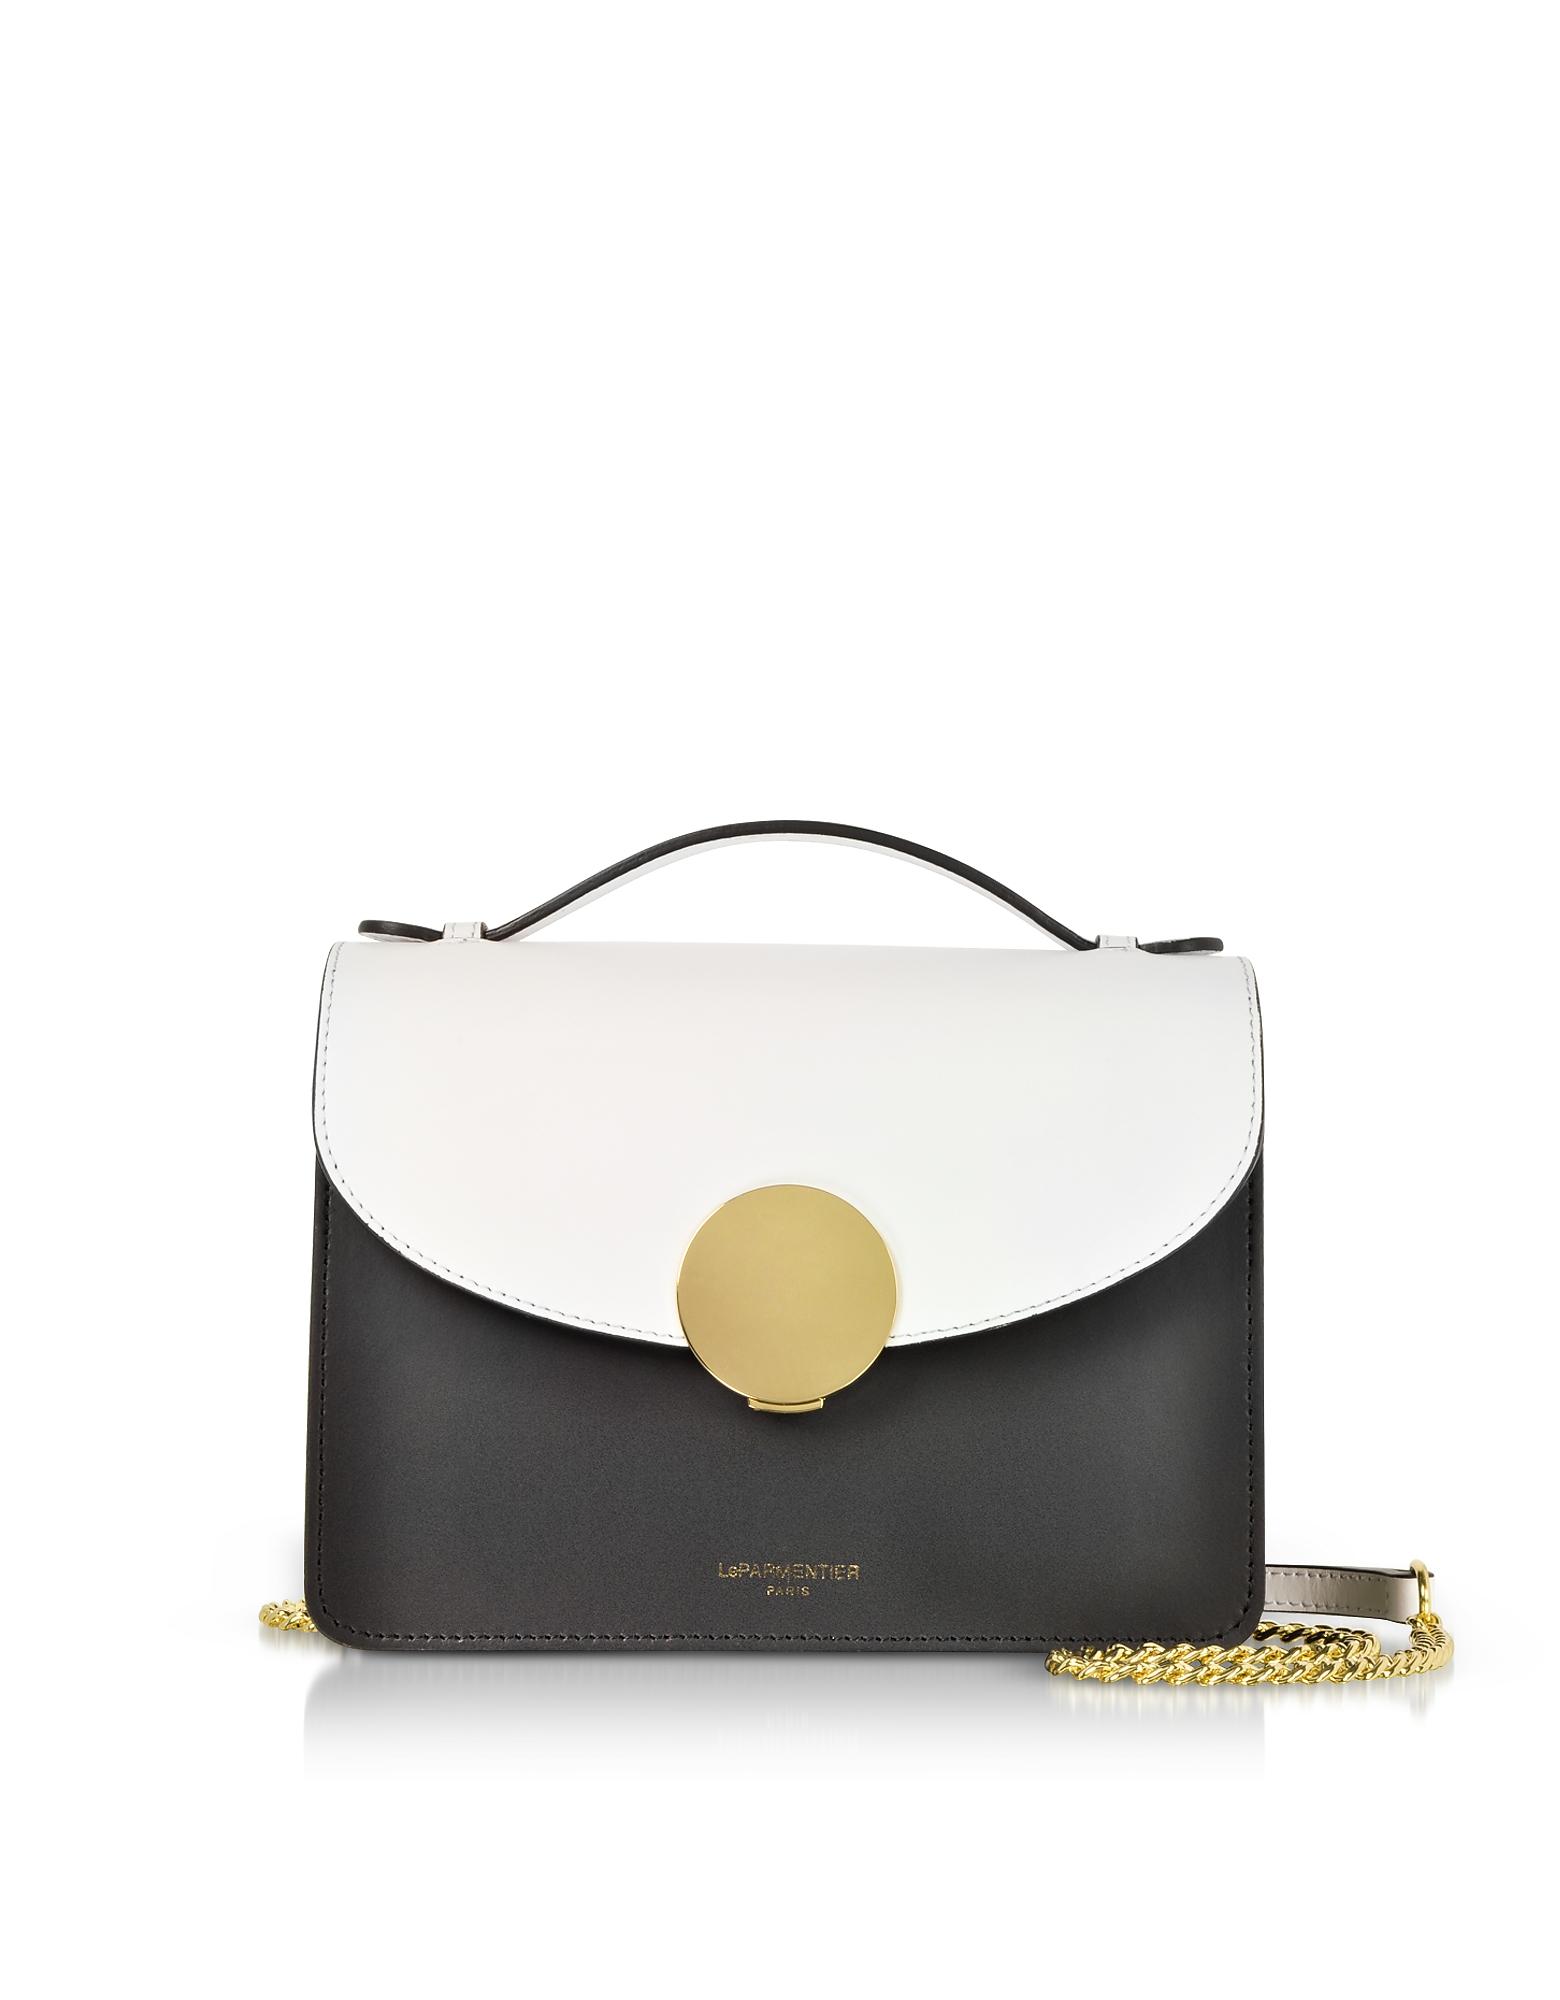 Le Parmentier Handbags, New Ondina Color Block Flap Top Leather Satchel Bag